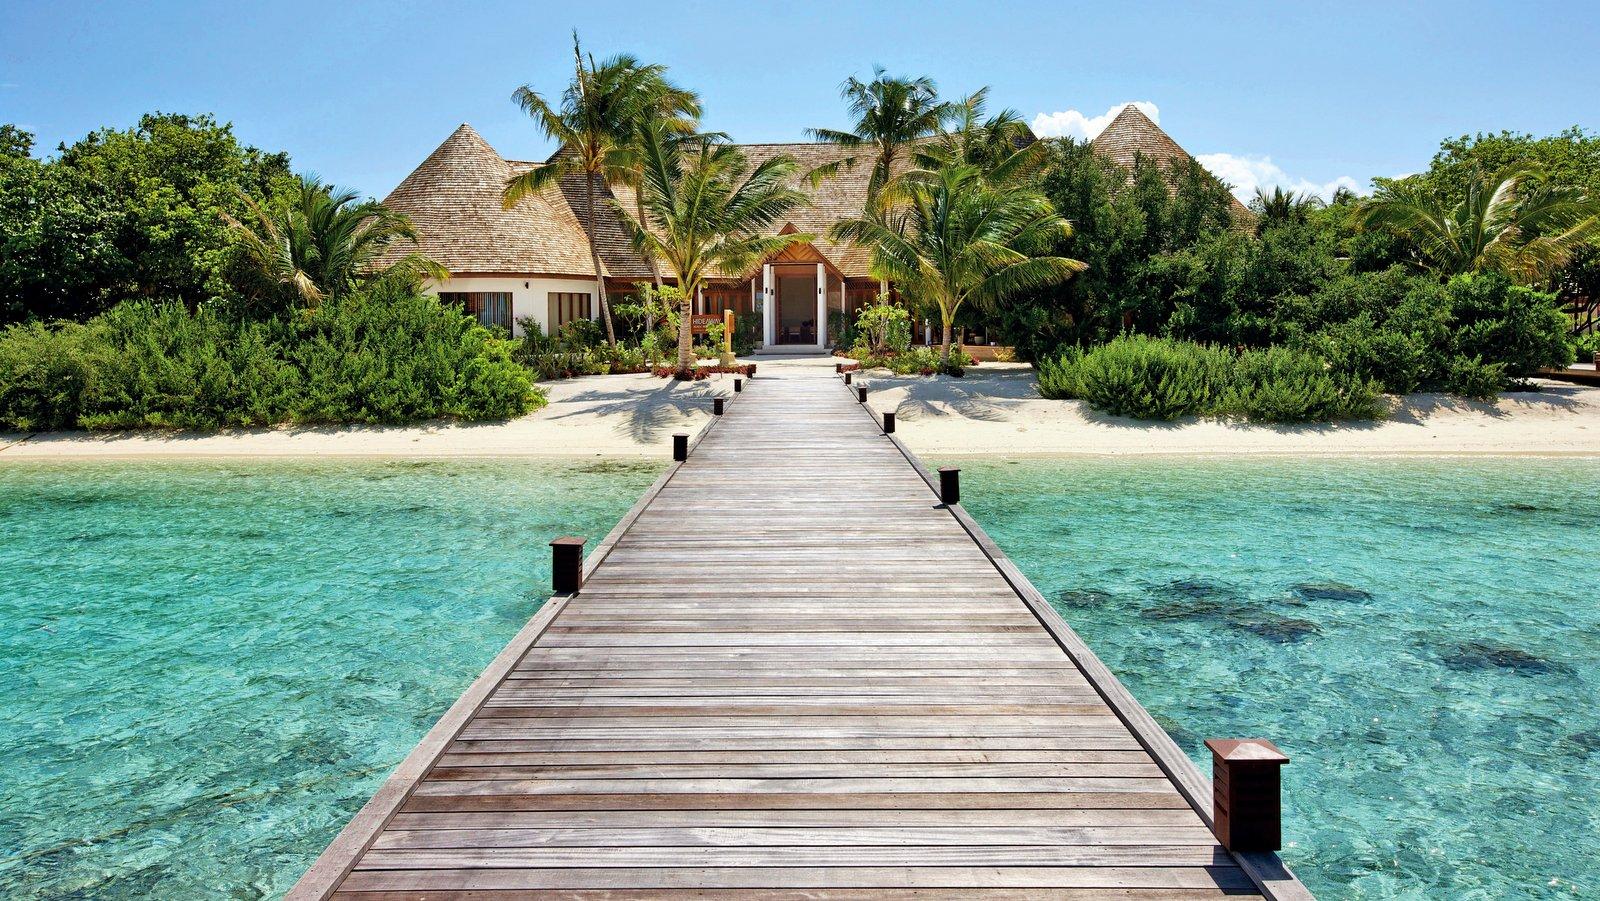 Мальдивы, отель Hideaway Beach Resort & Spa, причал